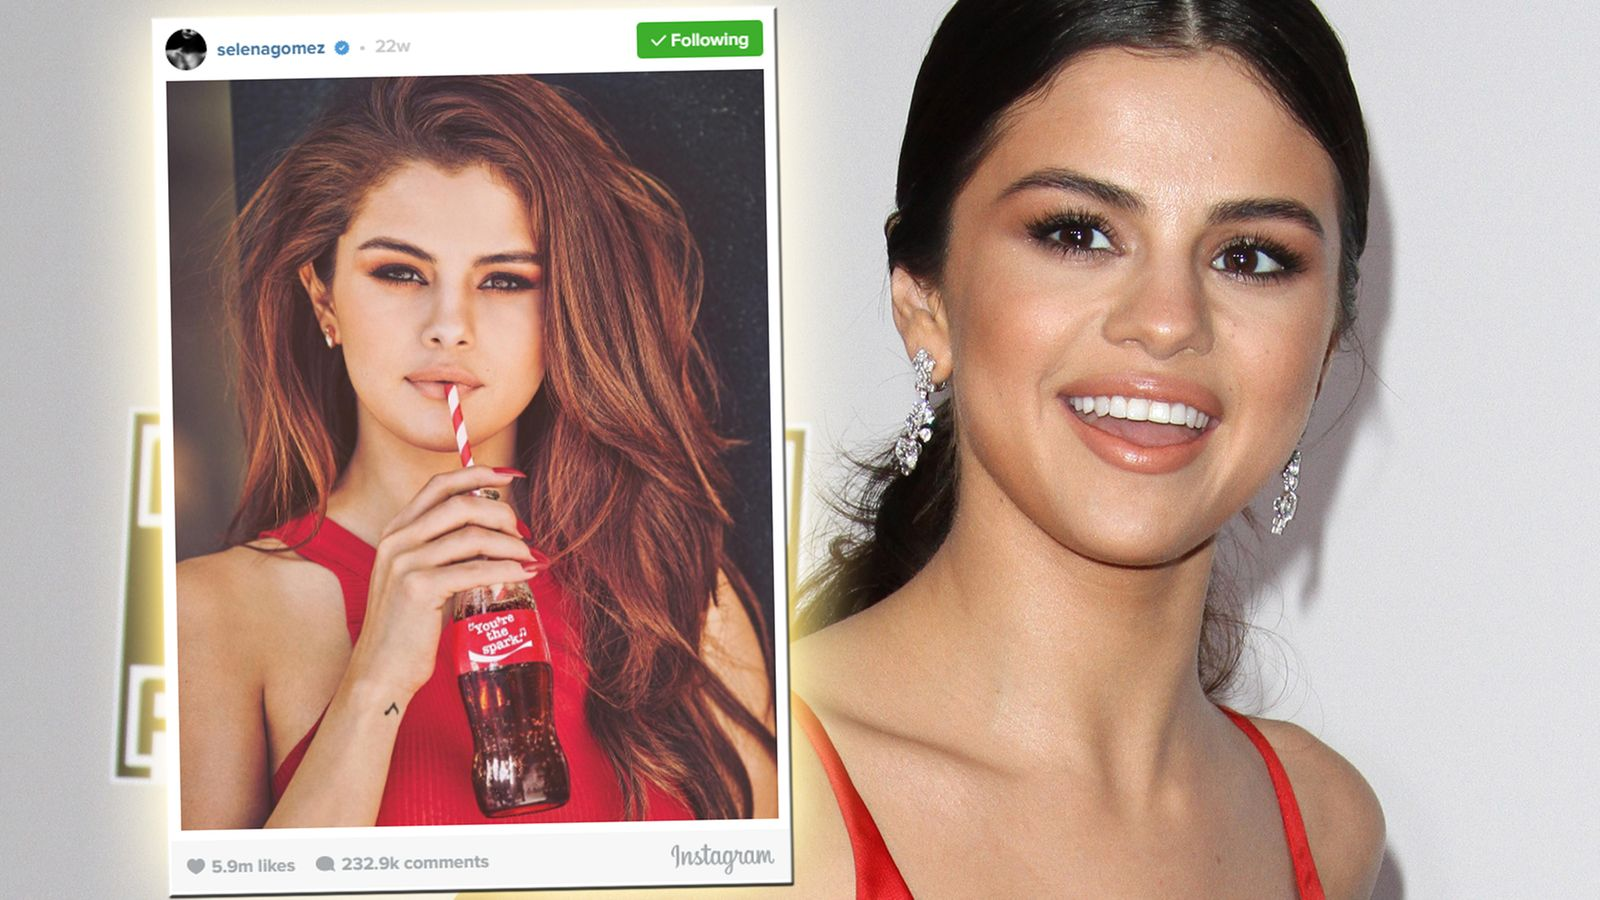 Alasti Seksikäs Kuvat Selena Gomezista